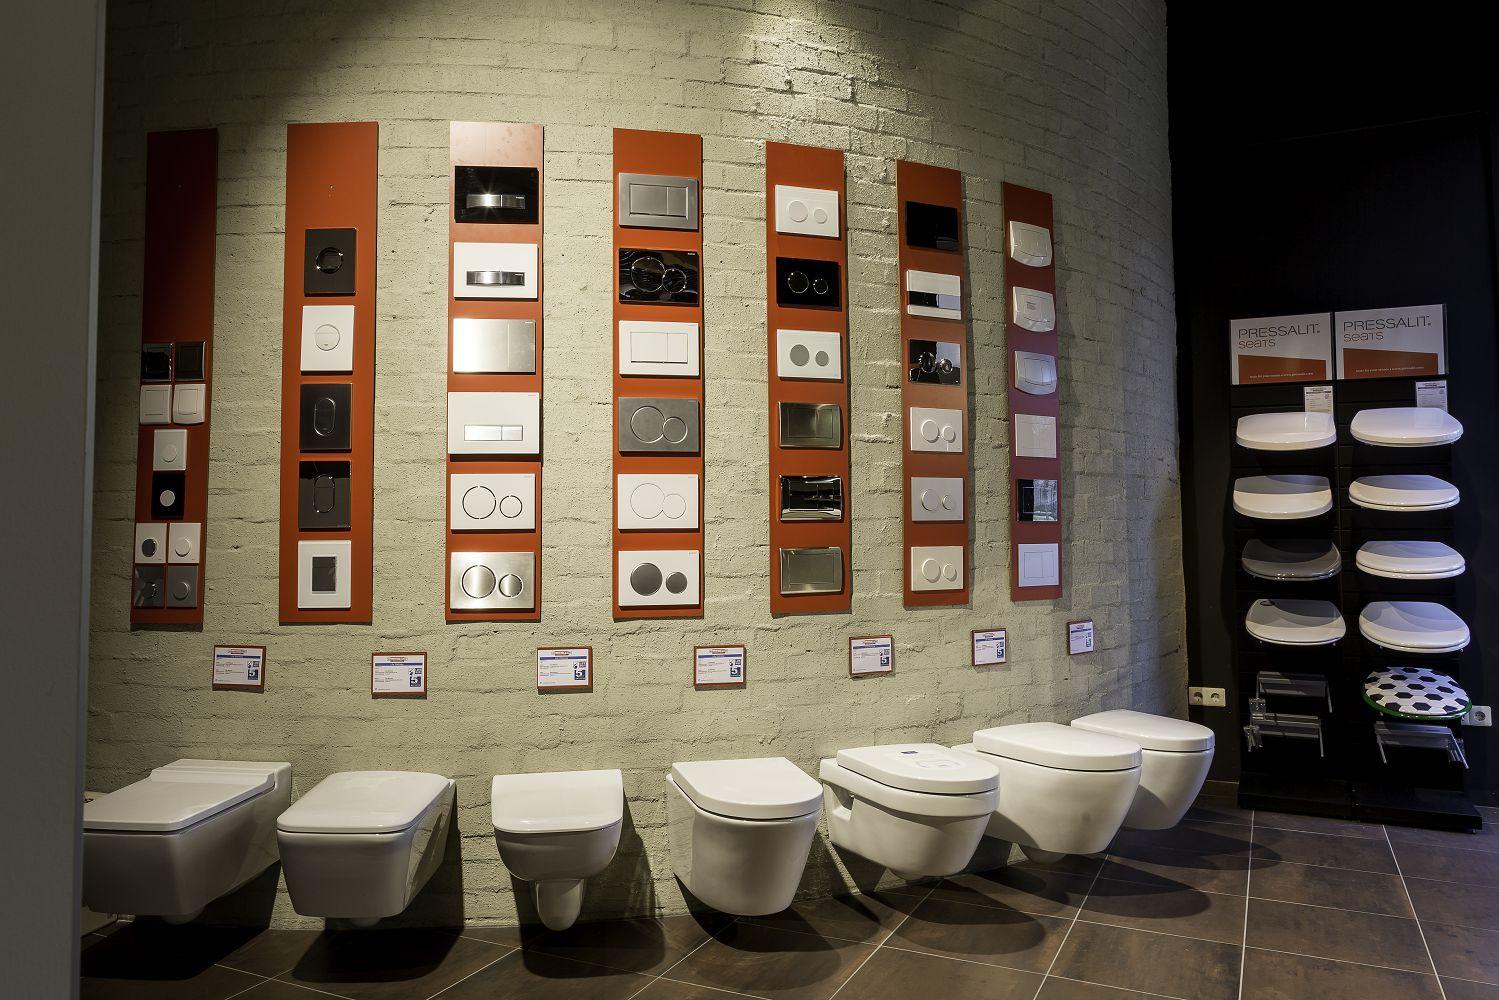 Badkamer Showroom Meppel : Welkom bij concordia keuken bad concordia keuken bad showroom